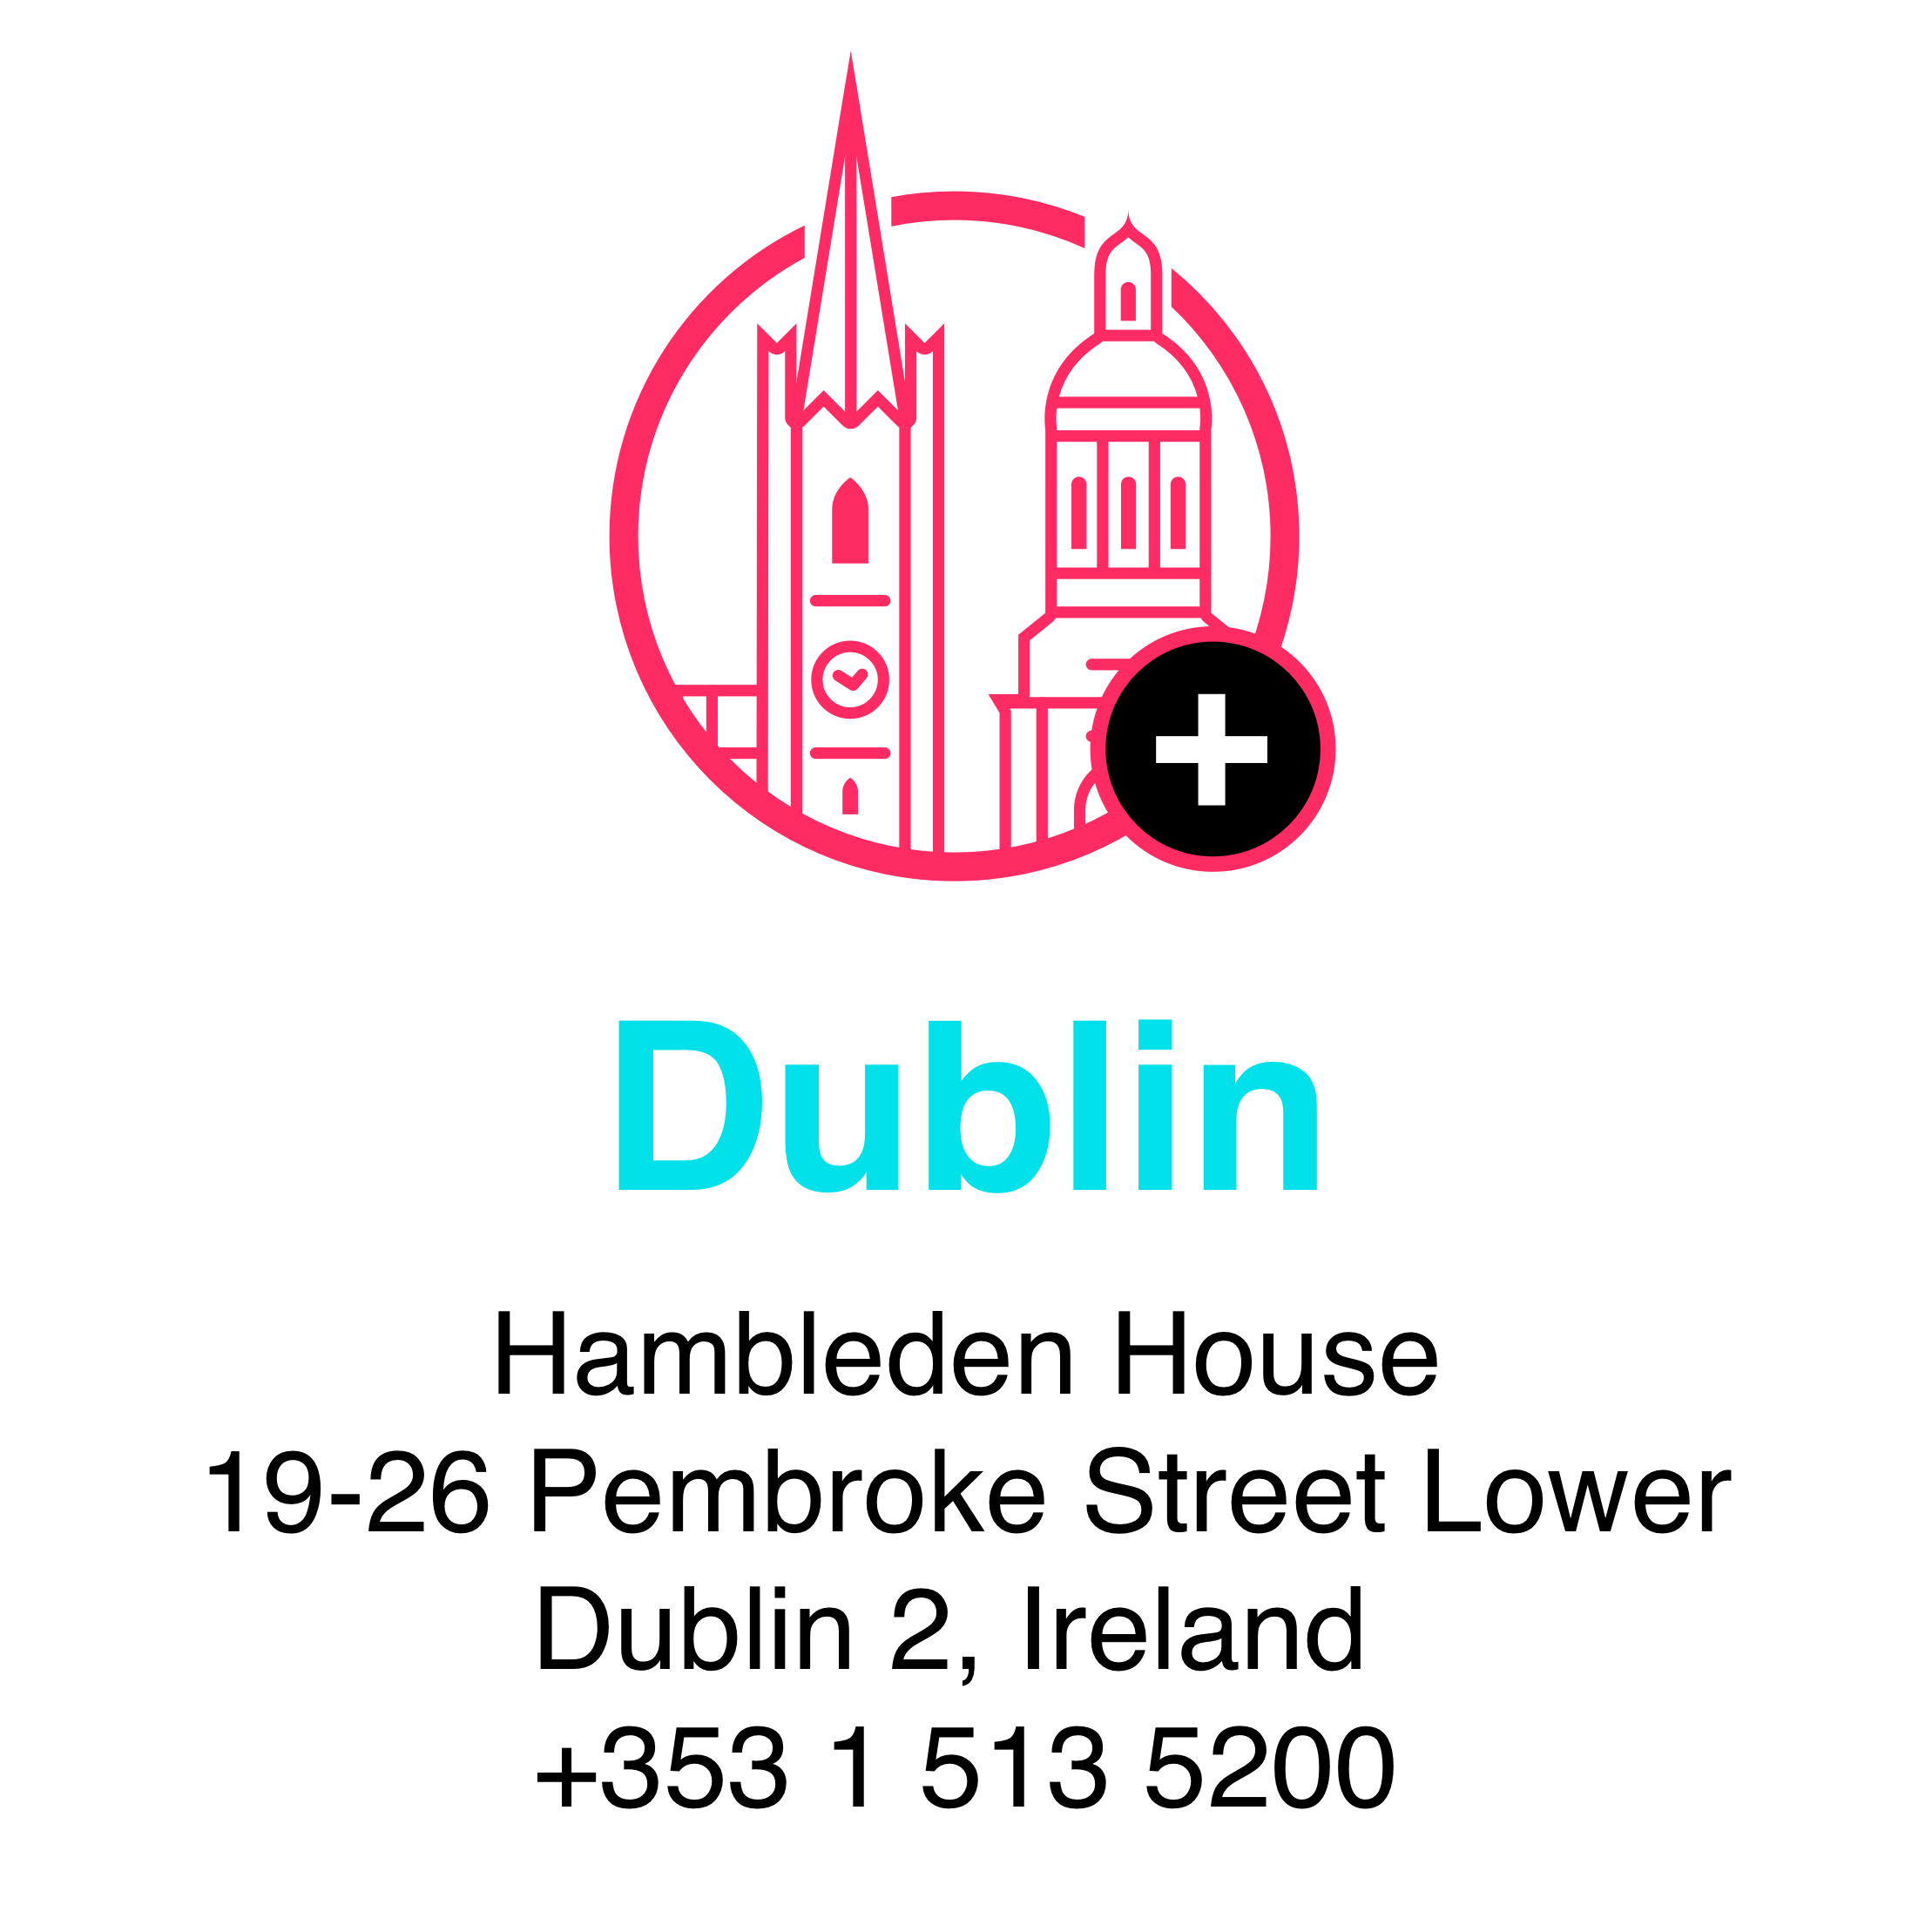 Dublin 11 -1109 Copy-1